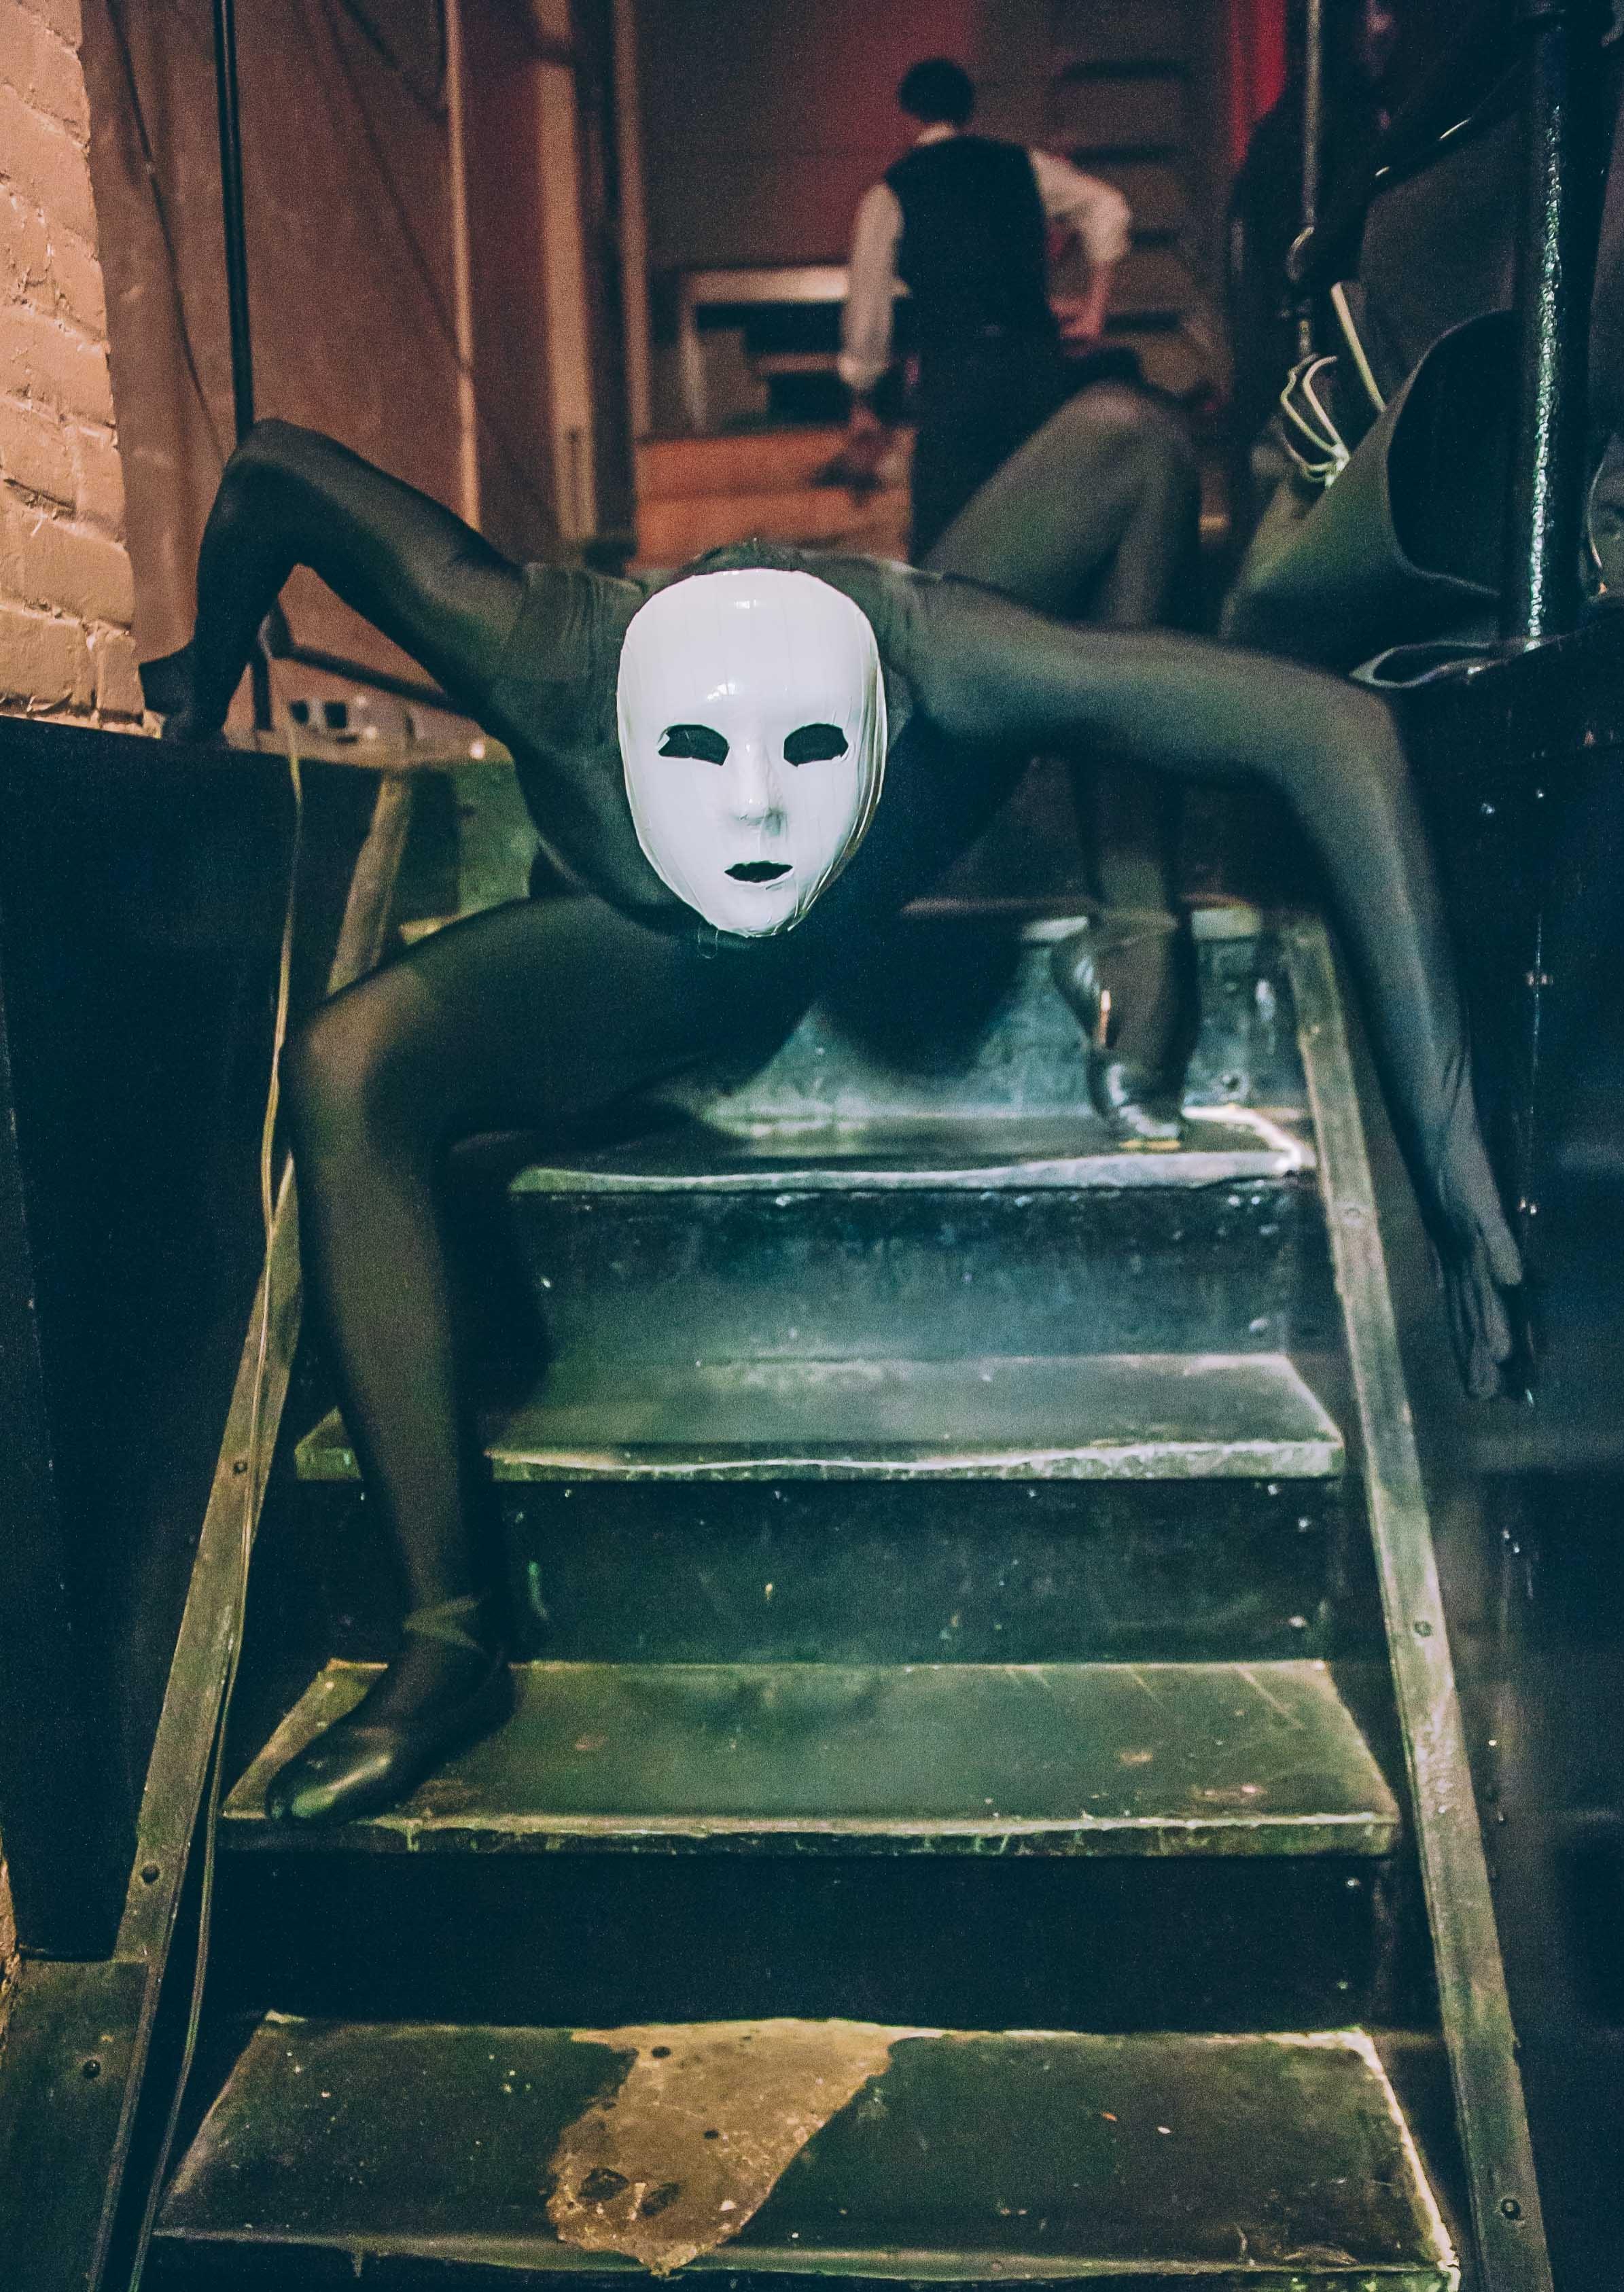 Masked Shadow Contortionist / Photo: Jane Kratochvil